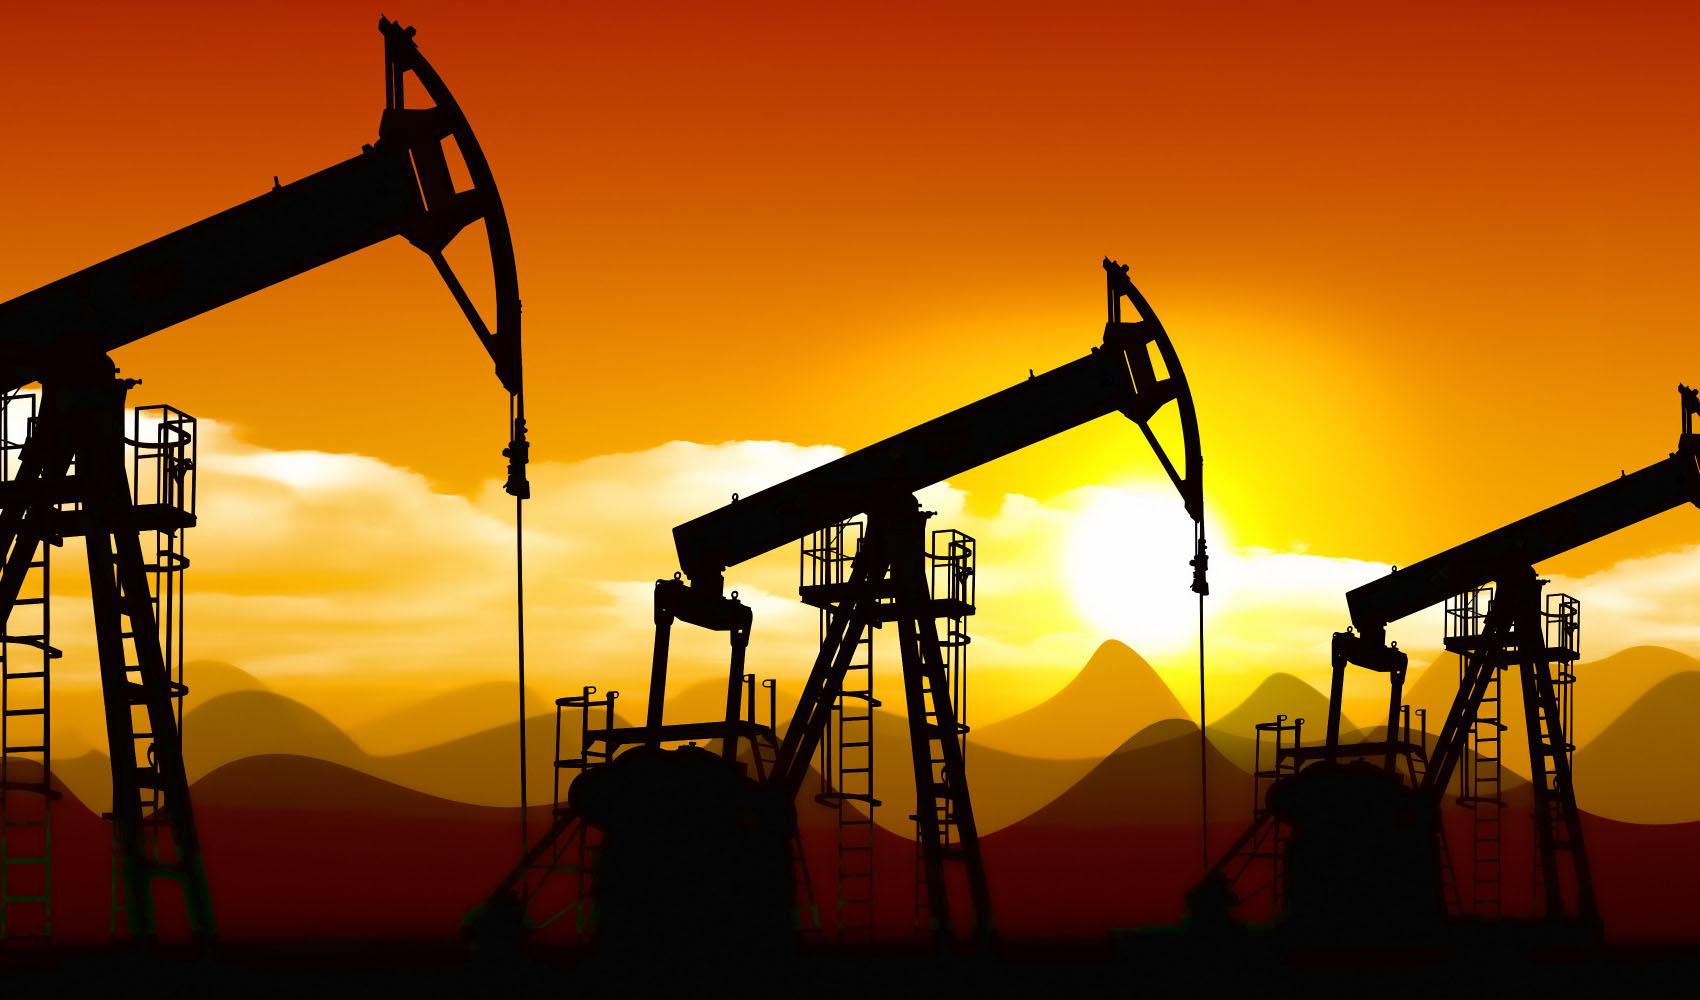 قیمت نفت خام به بالاترین سطح در بیش از ۱ سال اخیر رسید